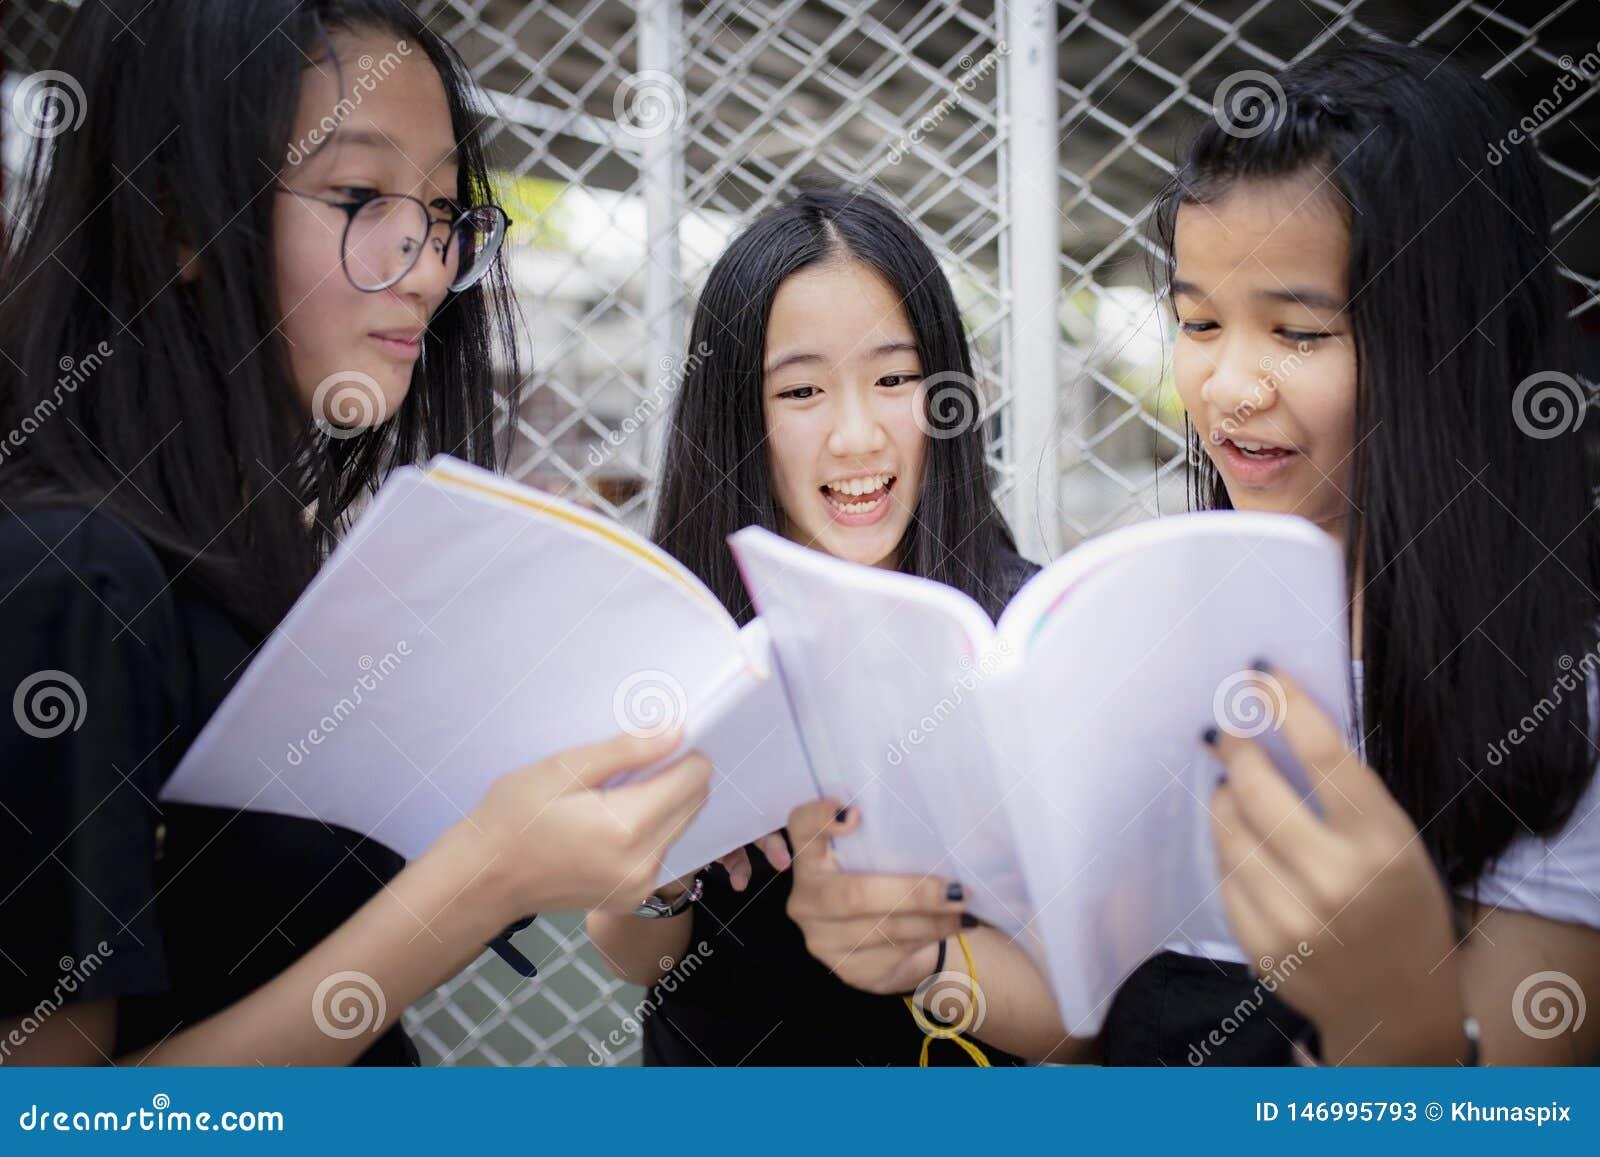 拿着教科书和笑激动幸福的亚裔少年站立室外